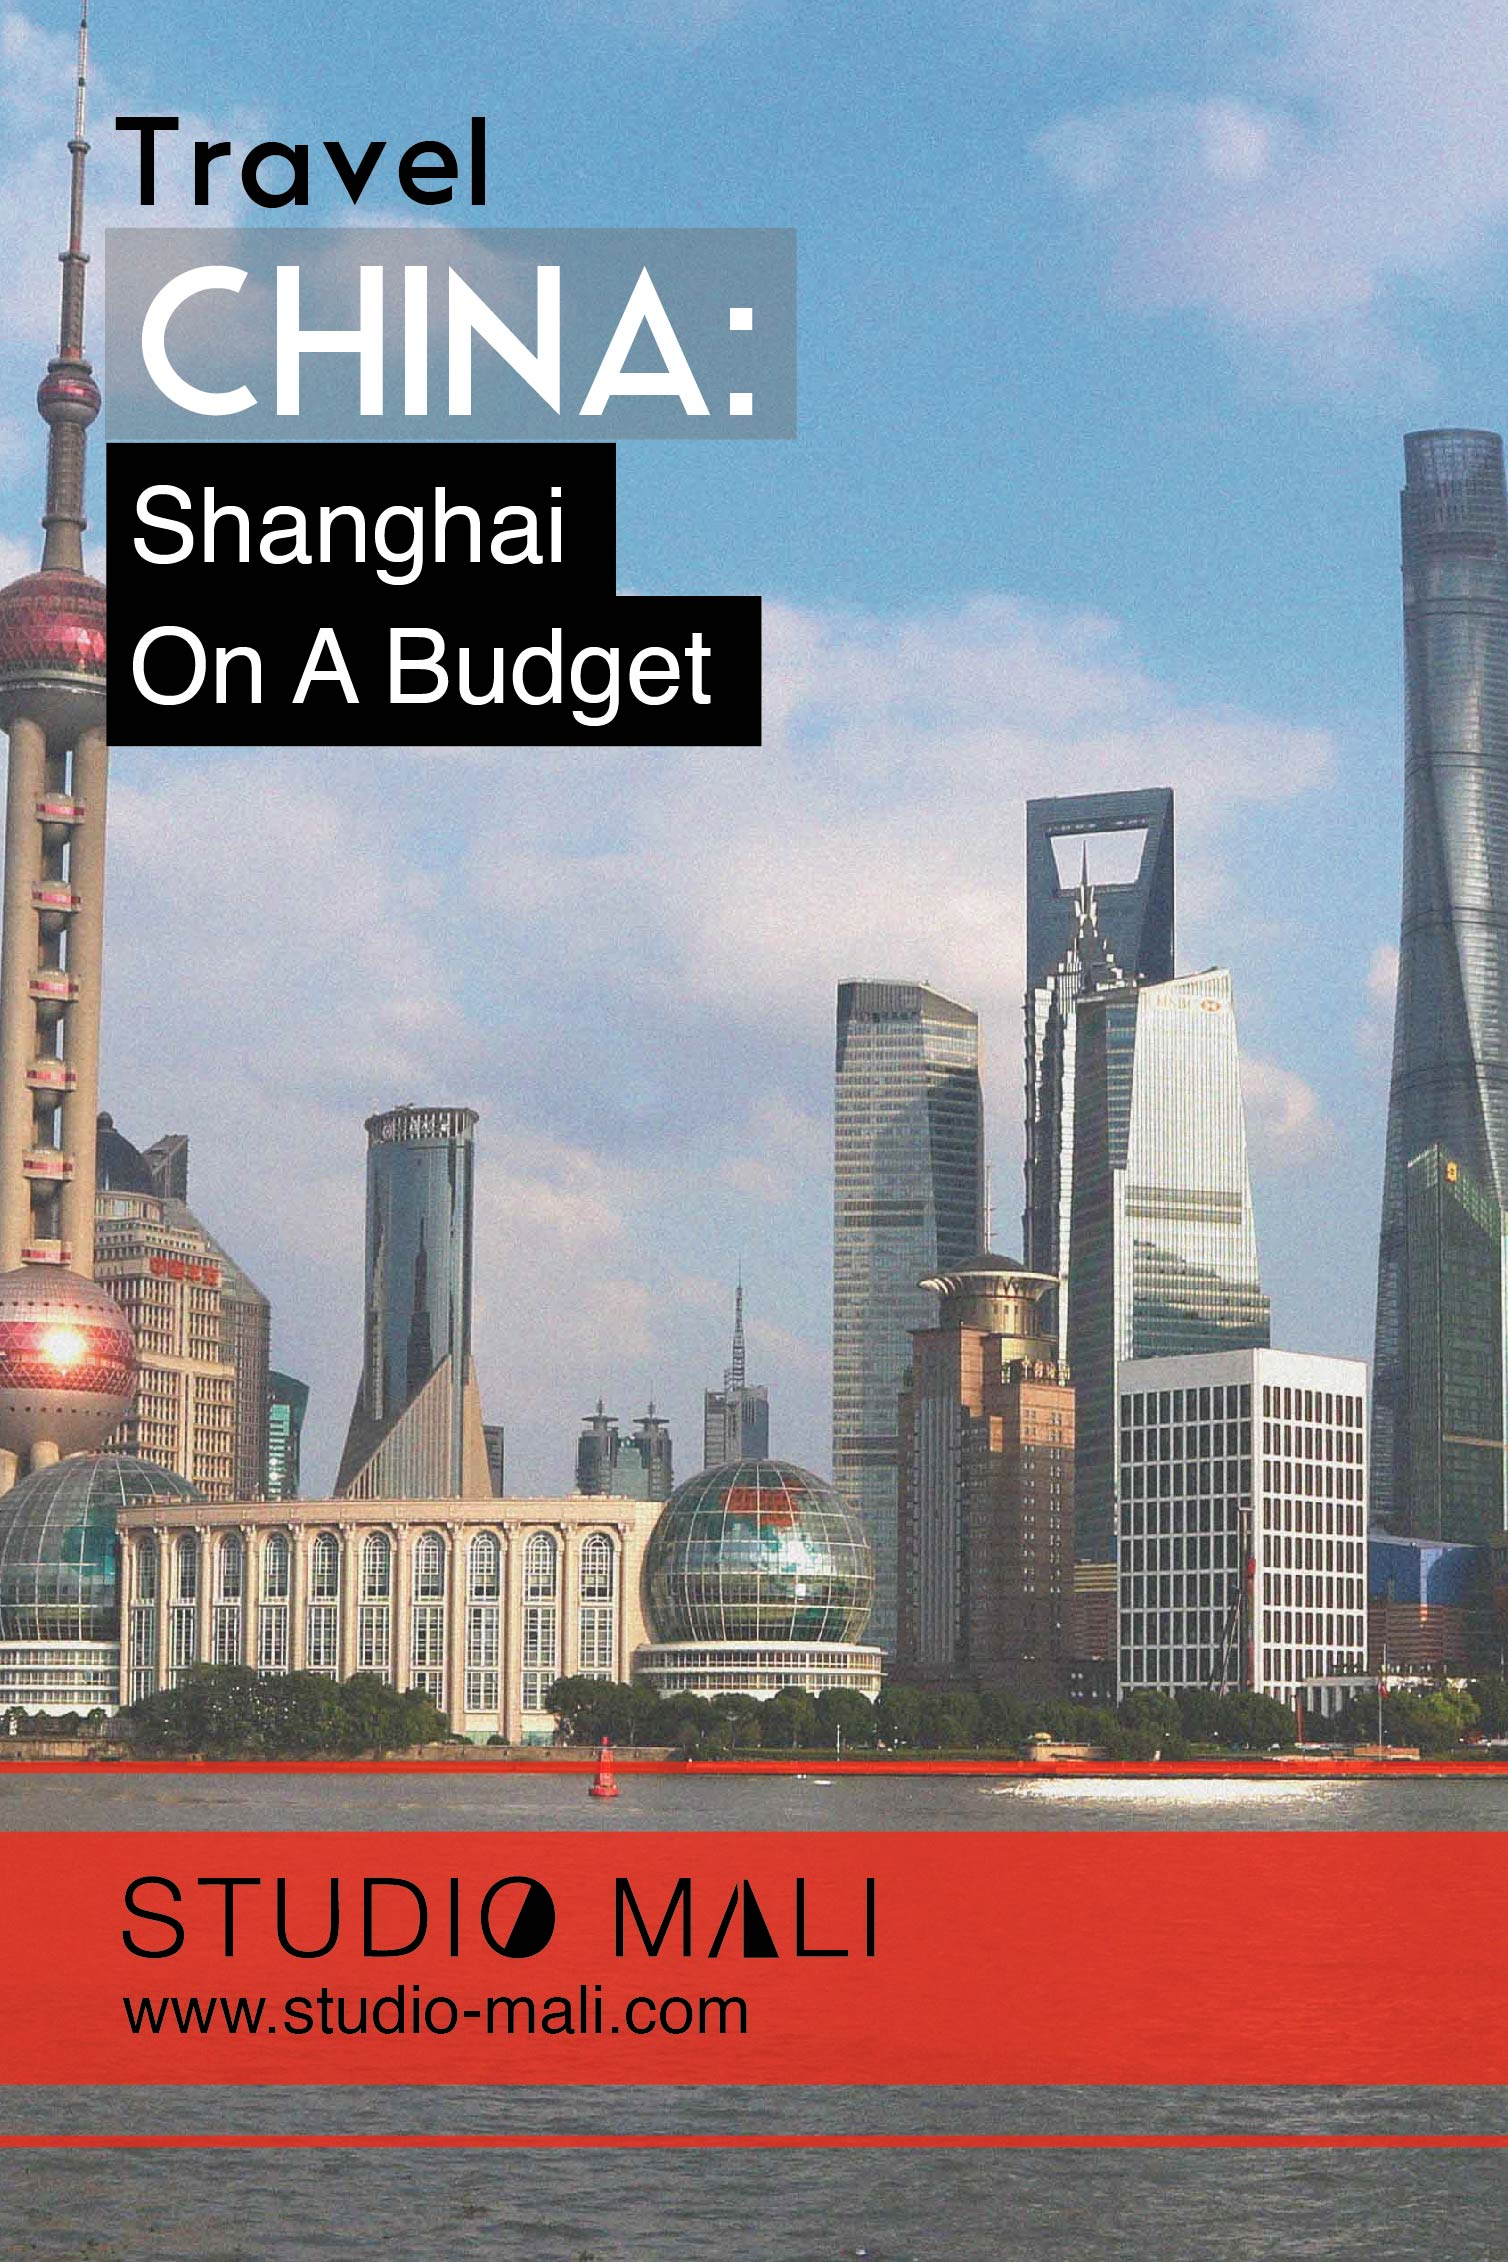 Shanghai On A Budget, by Studio Mali